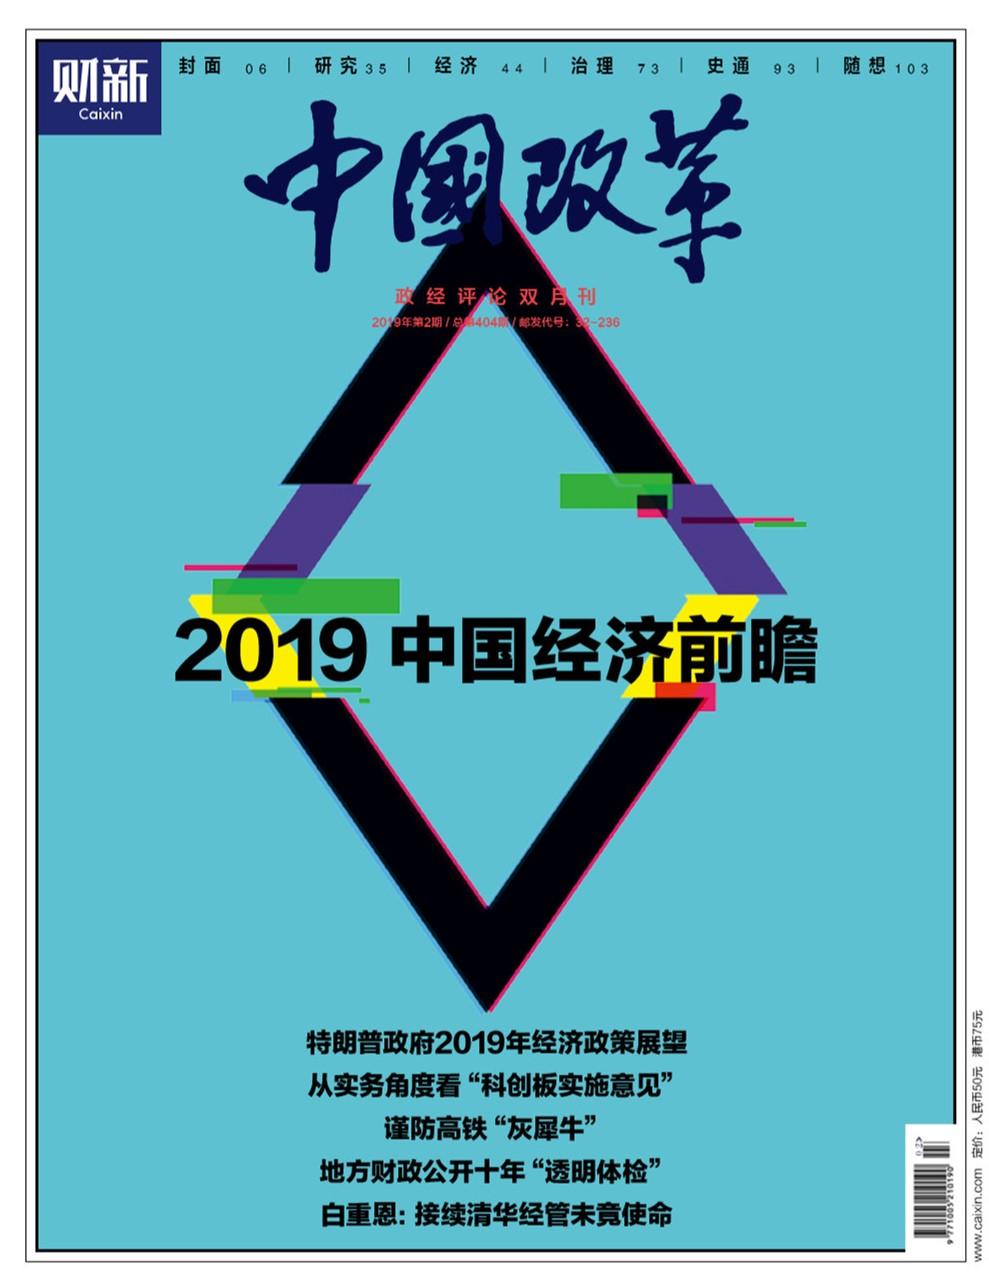 《中国改革》第404期